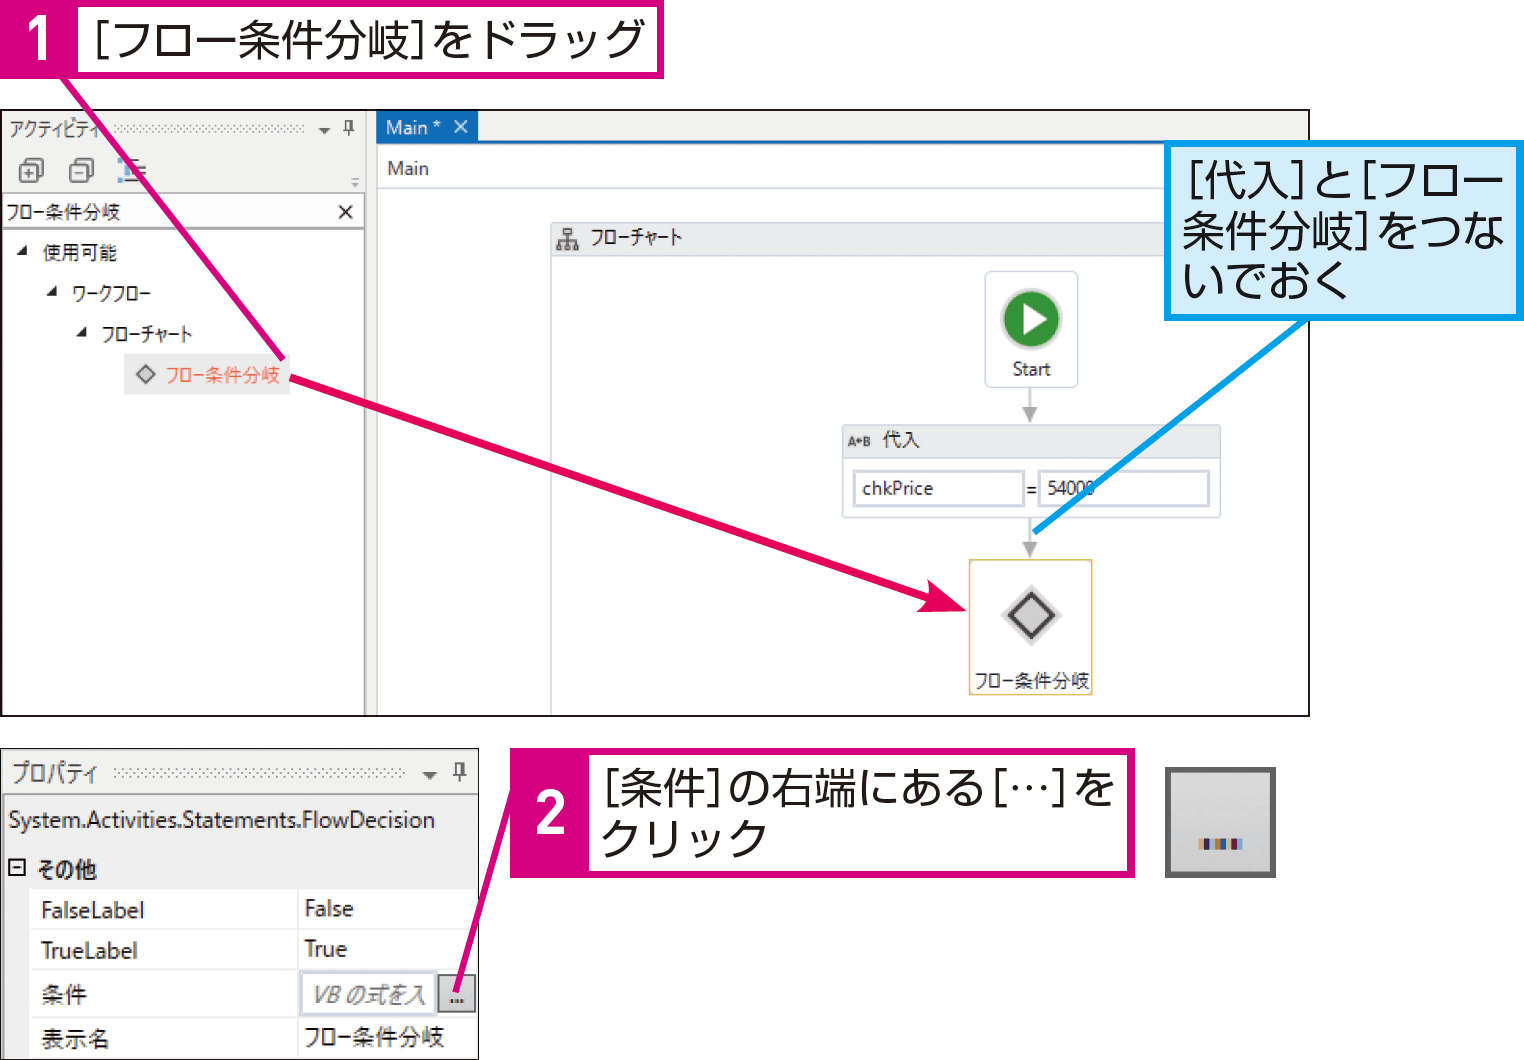 画面の値や文字から処理を分岐させるには(条件分岐とフロー条件分岐) - できるUiPath